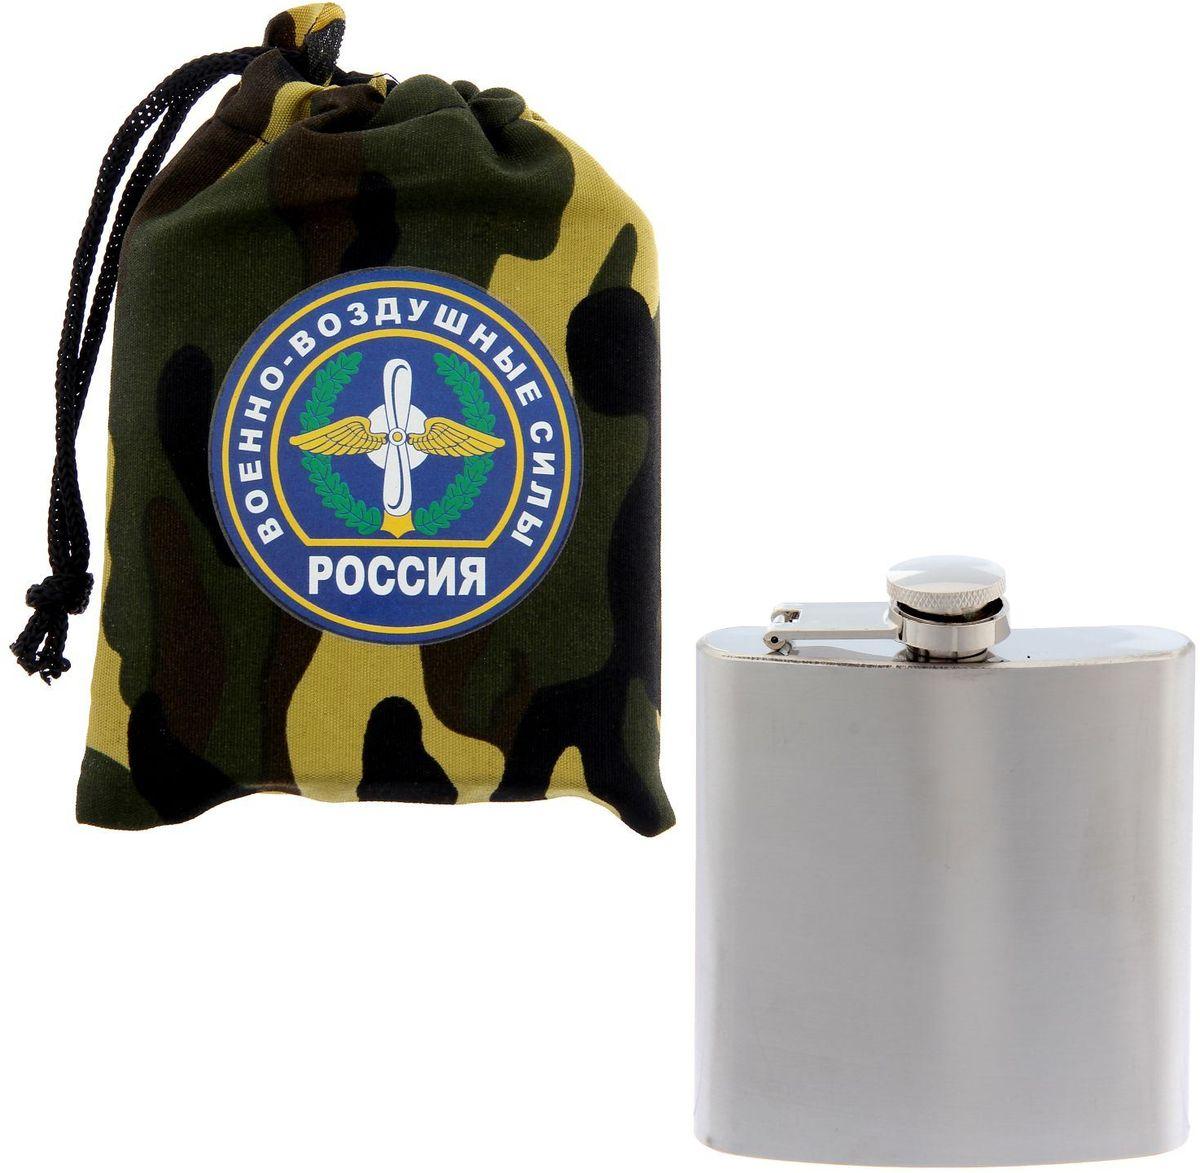 Фляжка Sima-land ВВС, в чехле, 180 млVT-1520(SR)В походе, на отдыхе, в пути — любимые напитки всегда с вами! Лёгкая и компактная фляжка выполнена из нержавеющей стали. Она имеет оптимальный объём и форму, благодаря чему помещается в карман, рюкзак или небольшую сумку. Плотно прилегающая крышка надёжно защищает от протекания.Фляжка в чехле ВВС с эксклюзивным дизайном станет отличным подарком настоящему герою.